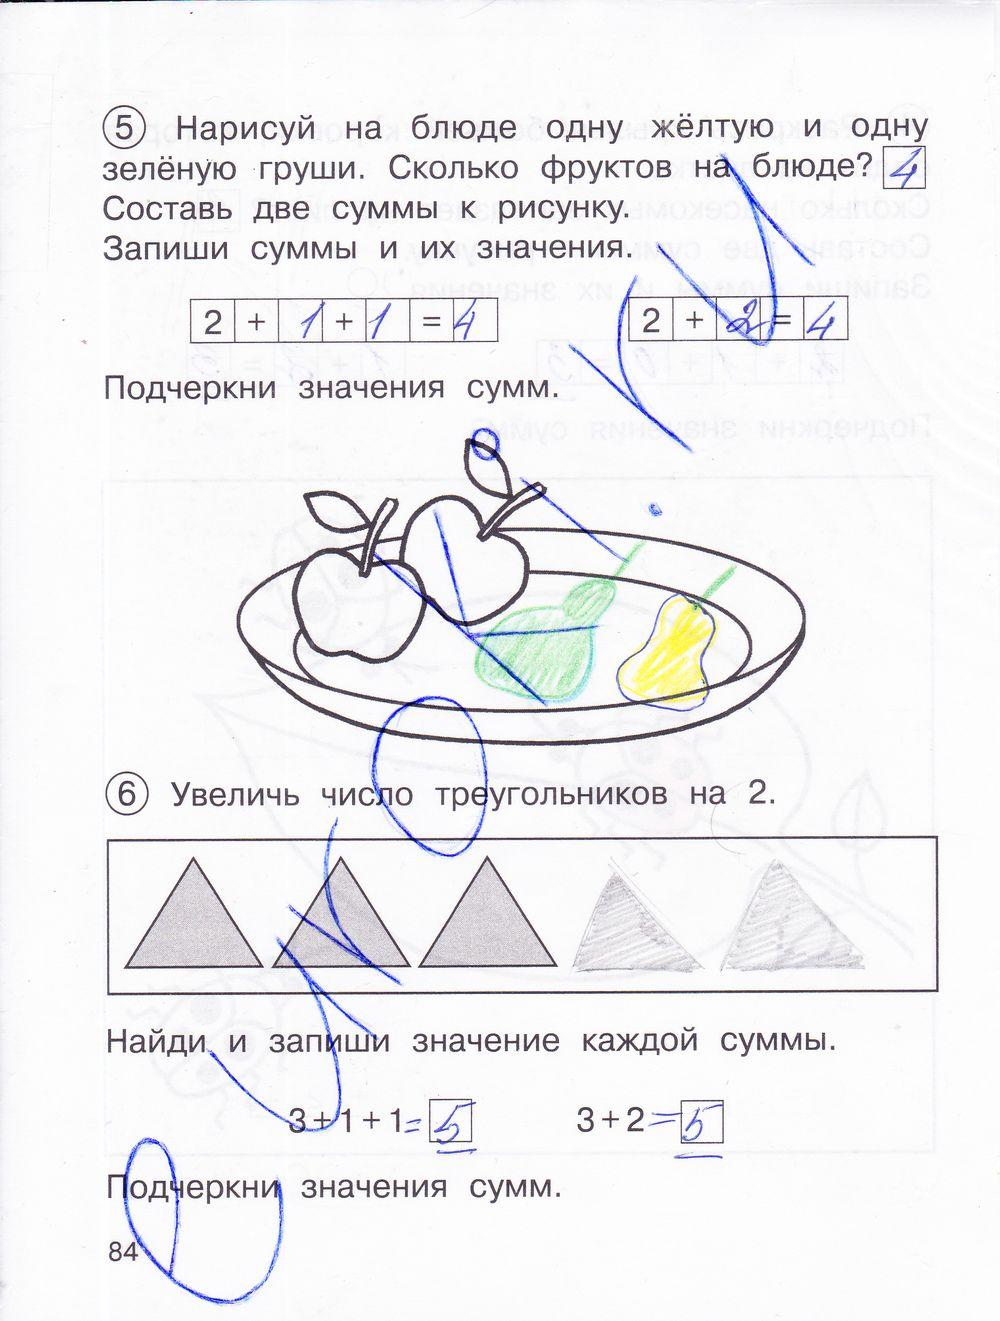 Урок русского языка 3 класс.тема прав безуд падеж окончаний сущ 2 го склонения